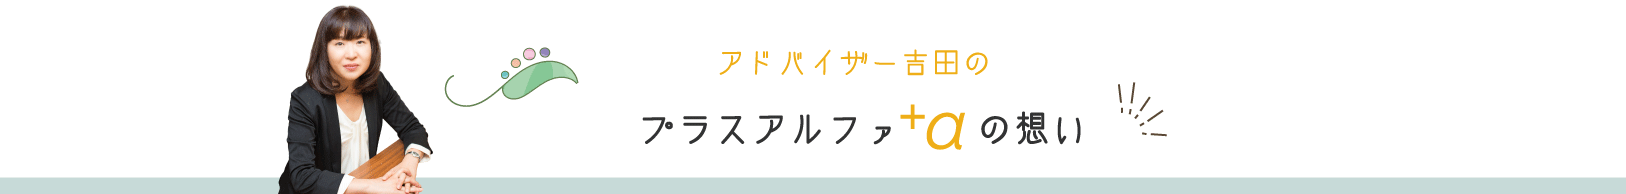 金沢の自由設計住宅工務店のスタッフ